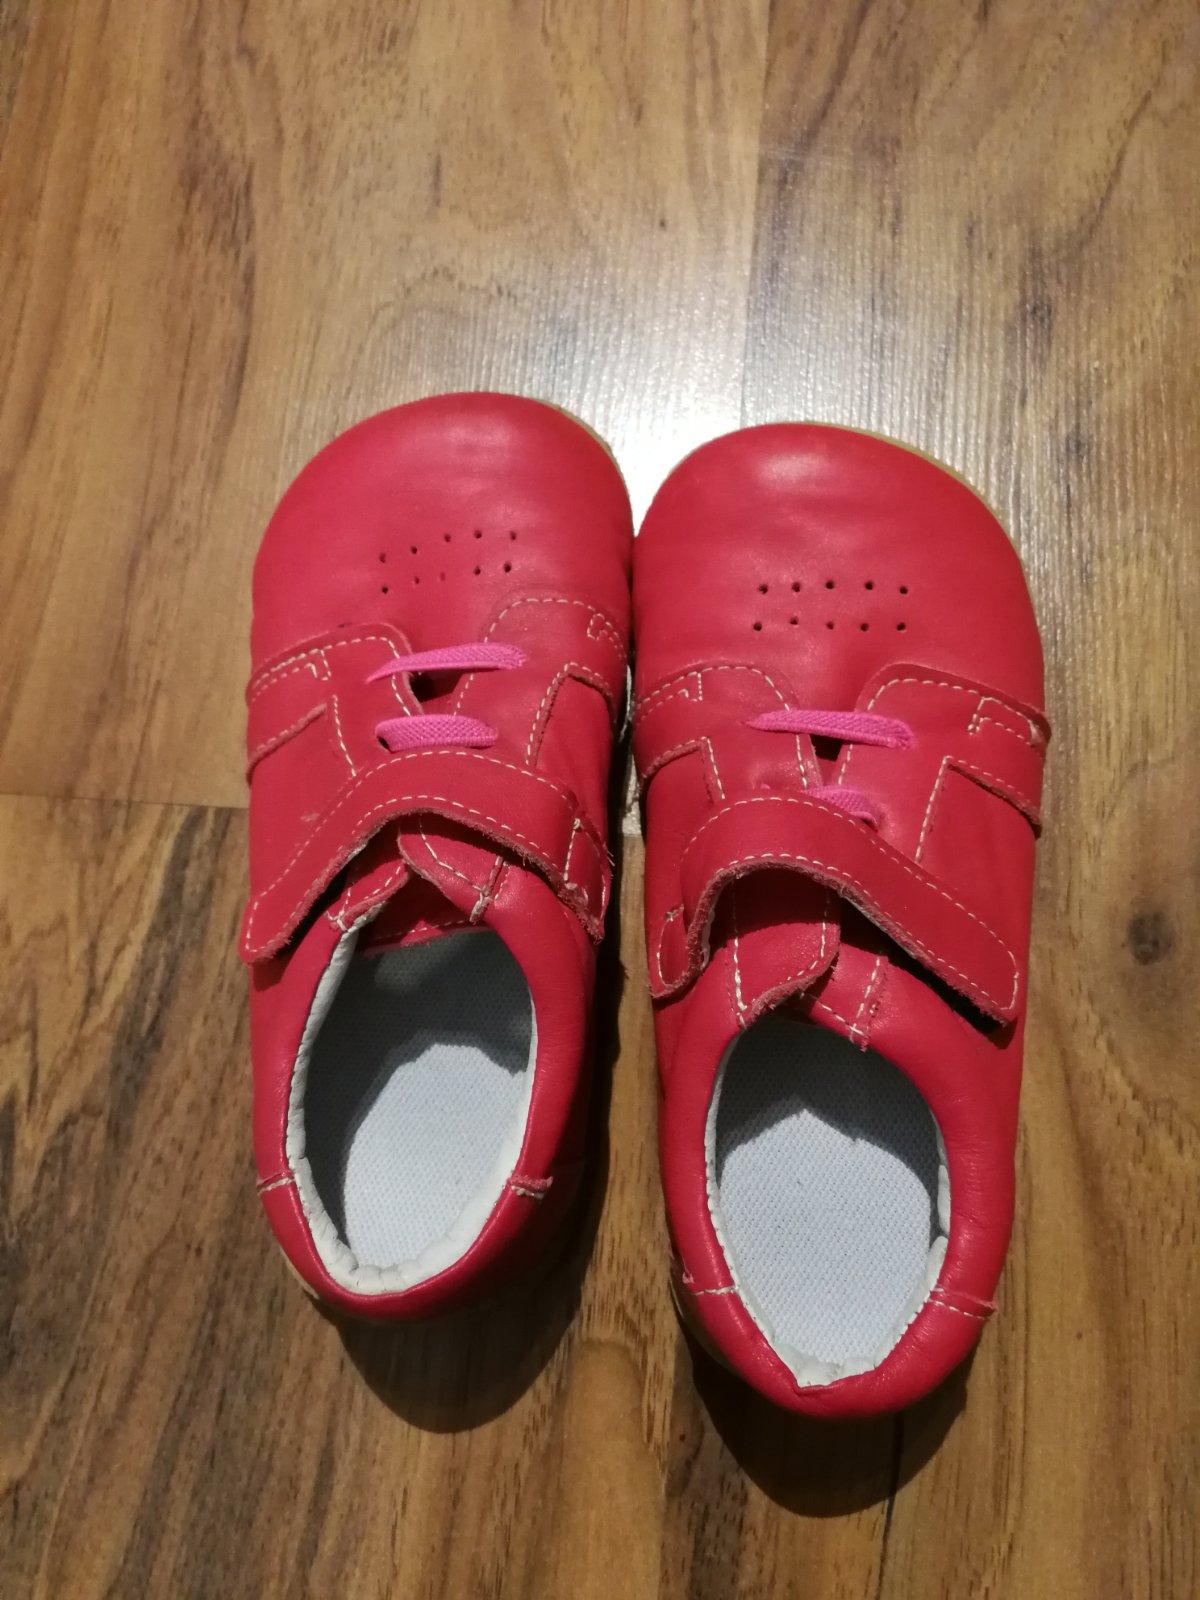 9e8e3a84ae41 Zobraz celé podmienky. Jarné kožené barefoot topánky vd 18 ...